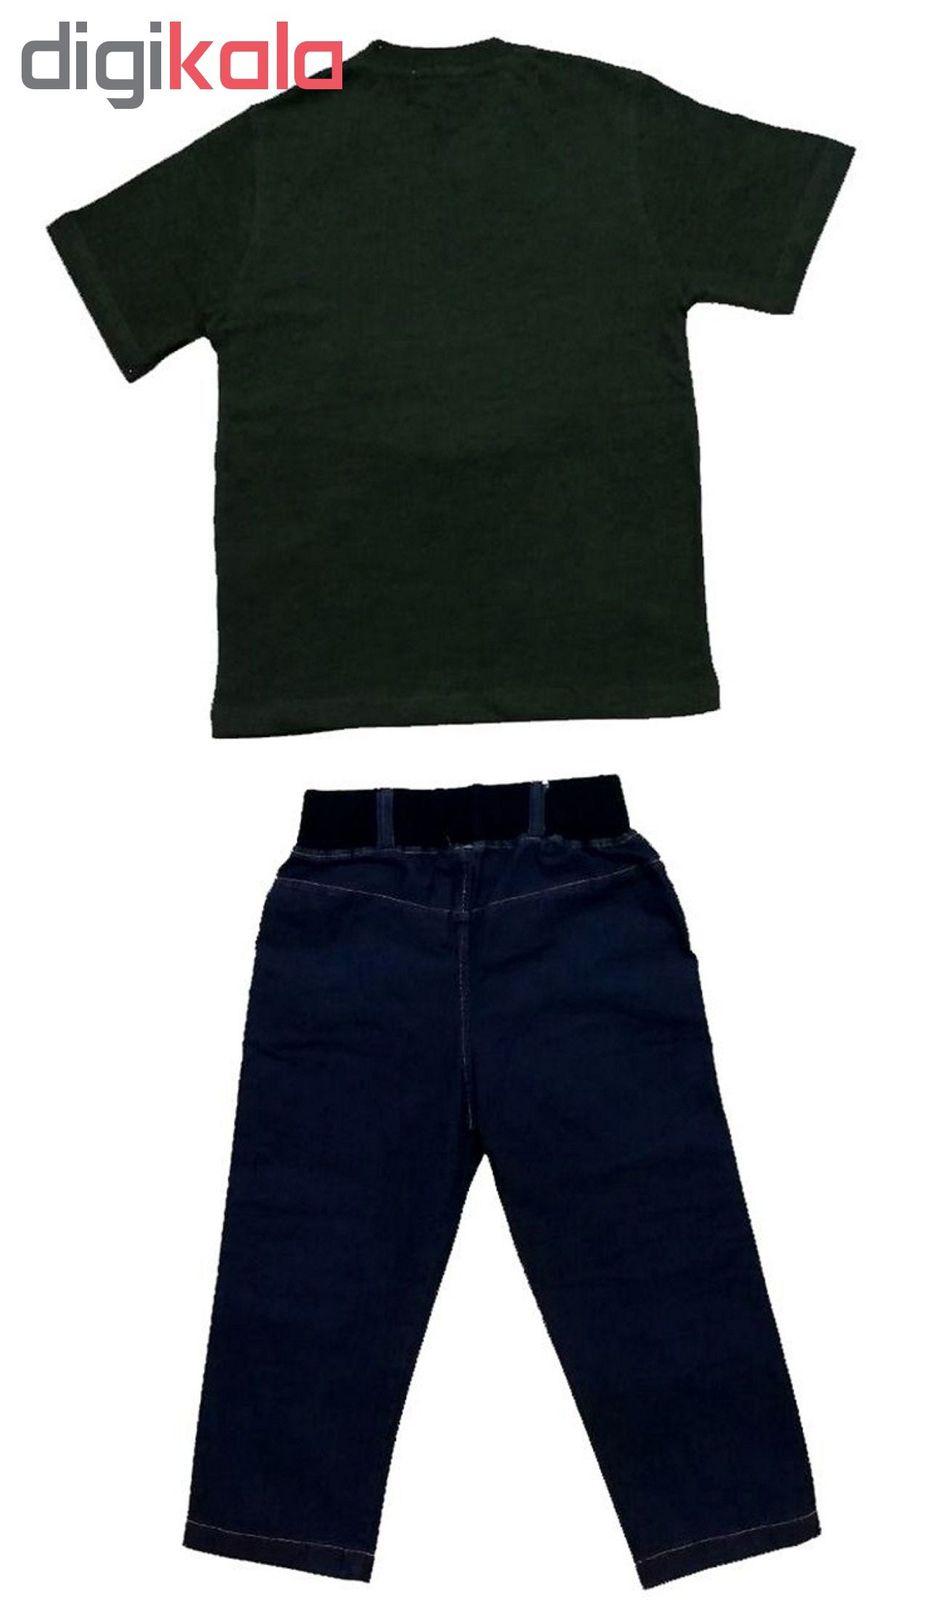 ست تی شرت و شلوارک پسرانه گراکو طرح موتور کد 119 main 1 7